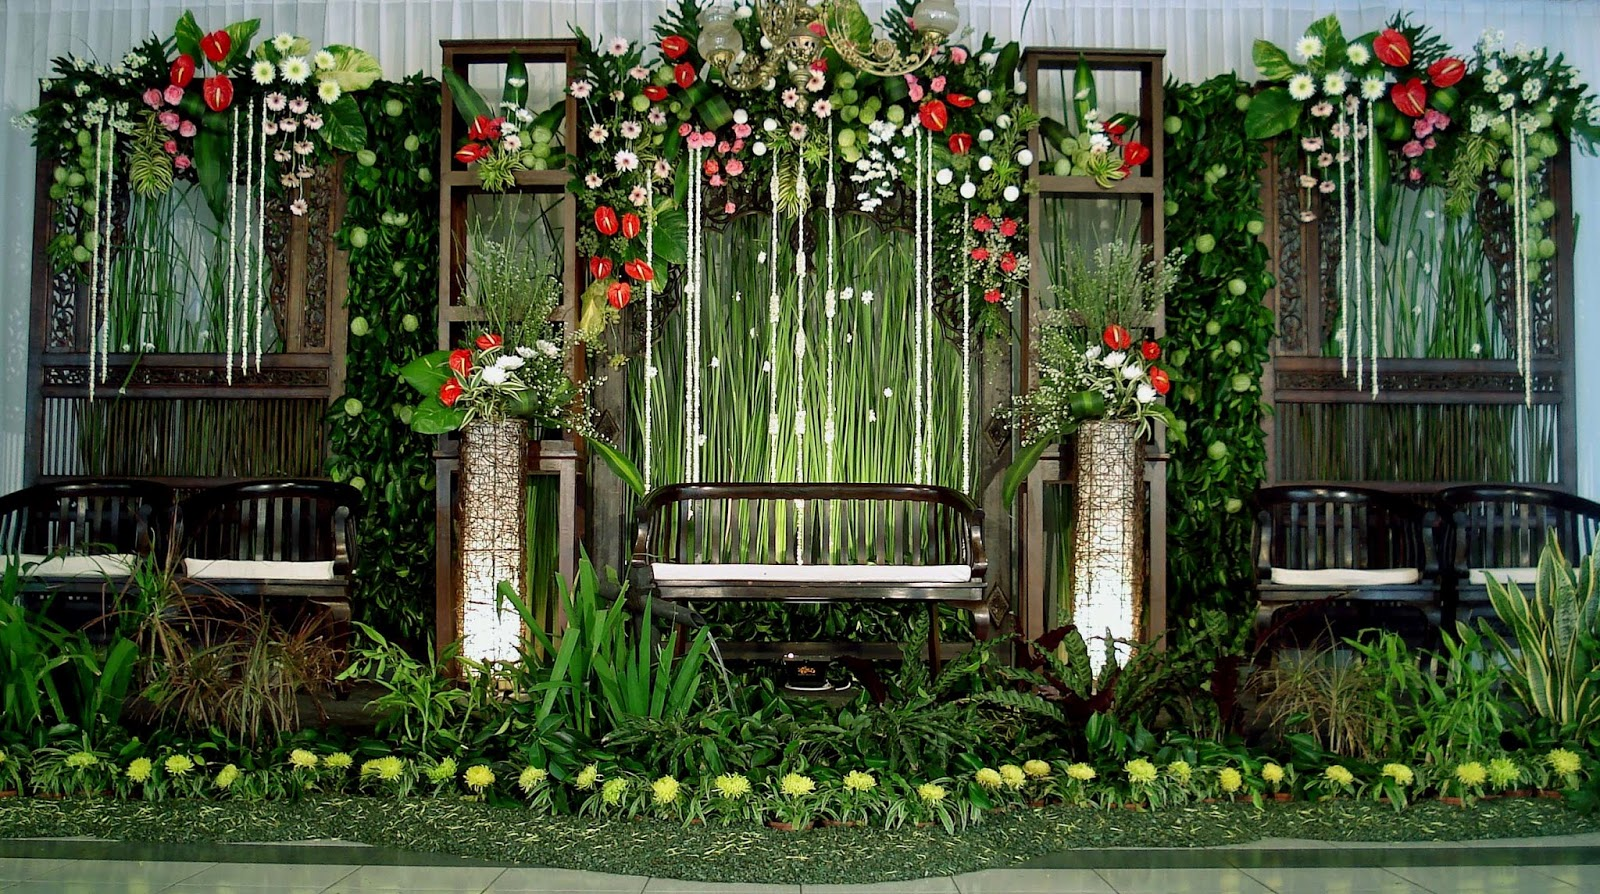 wd etnik dekorasi pernikahan ekslusif dengan harga murah